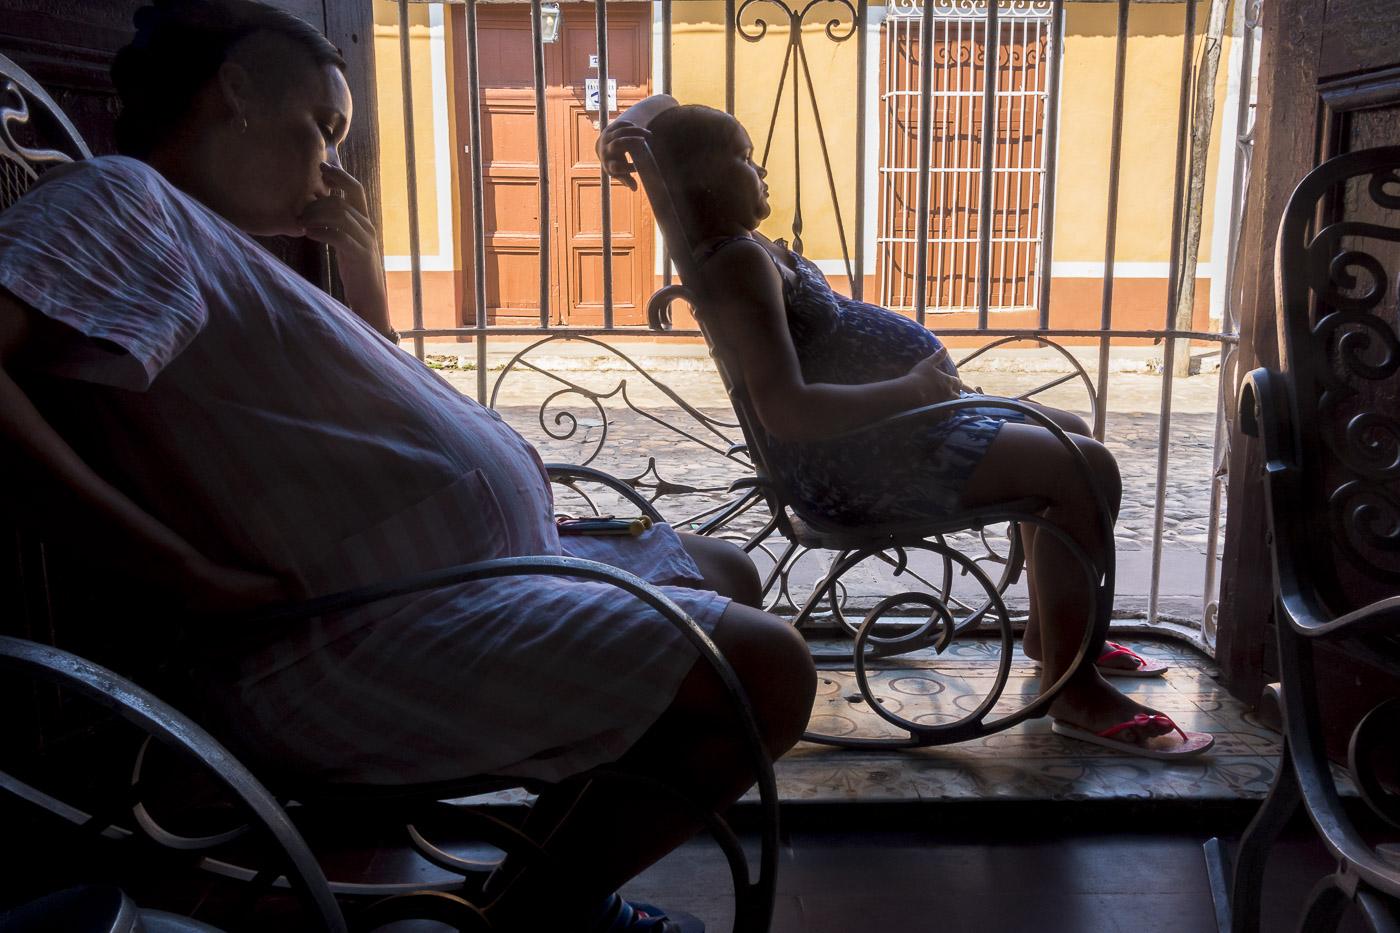 Casa de maternidad - Cuba - Pedro J. Fernández, Fotografía